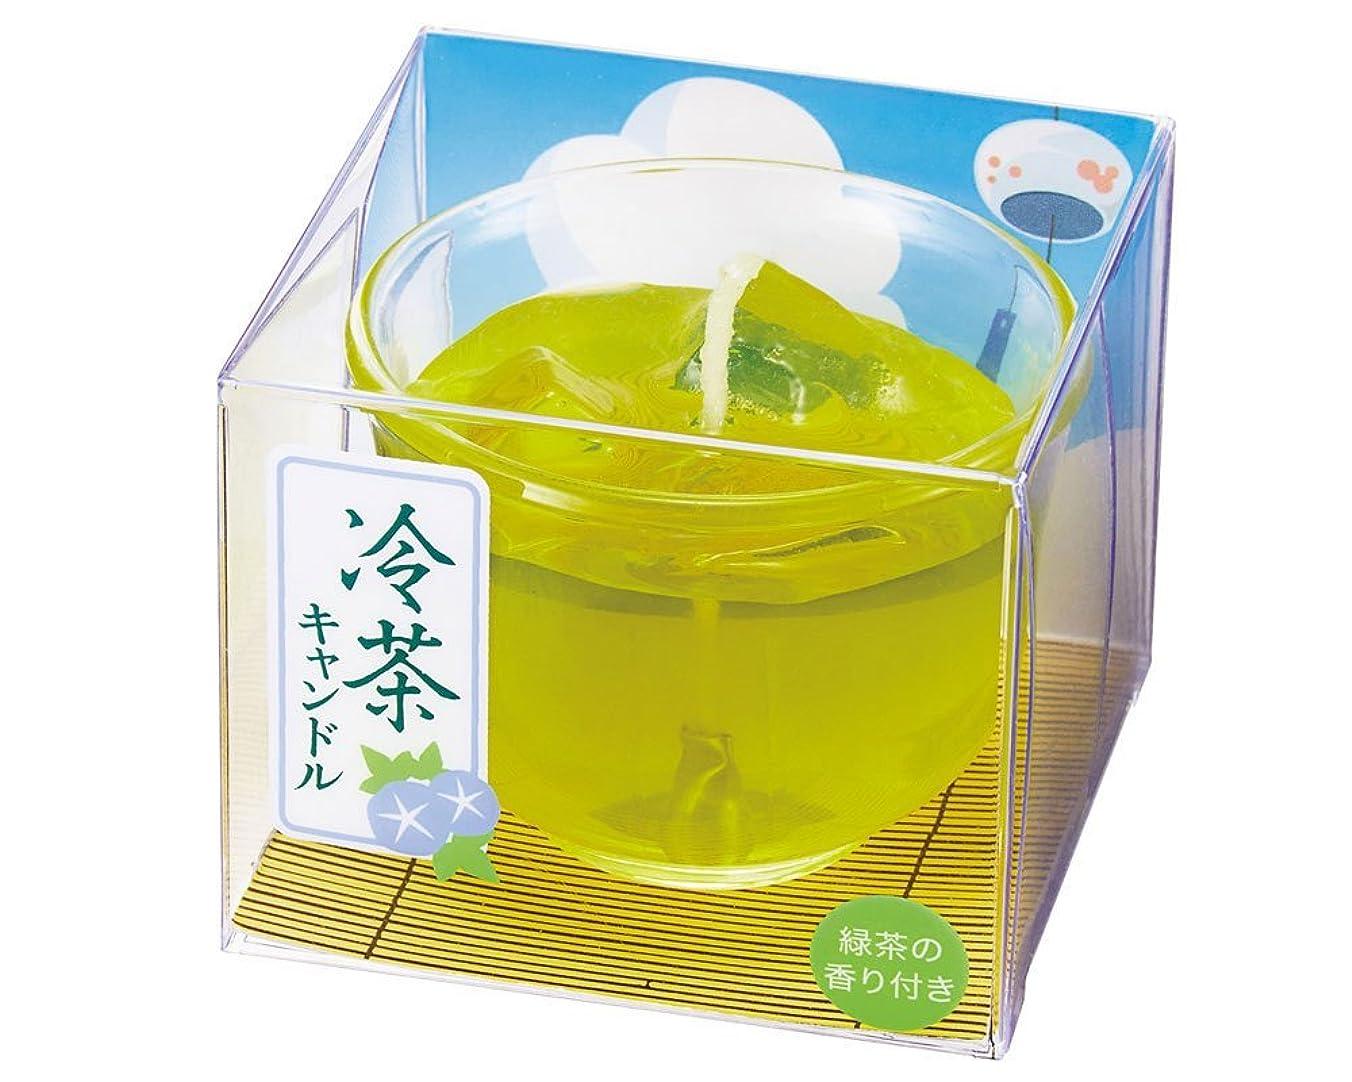 中でモス味わう冷茶キャンドル 1個